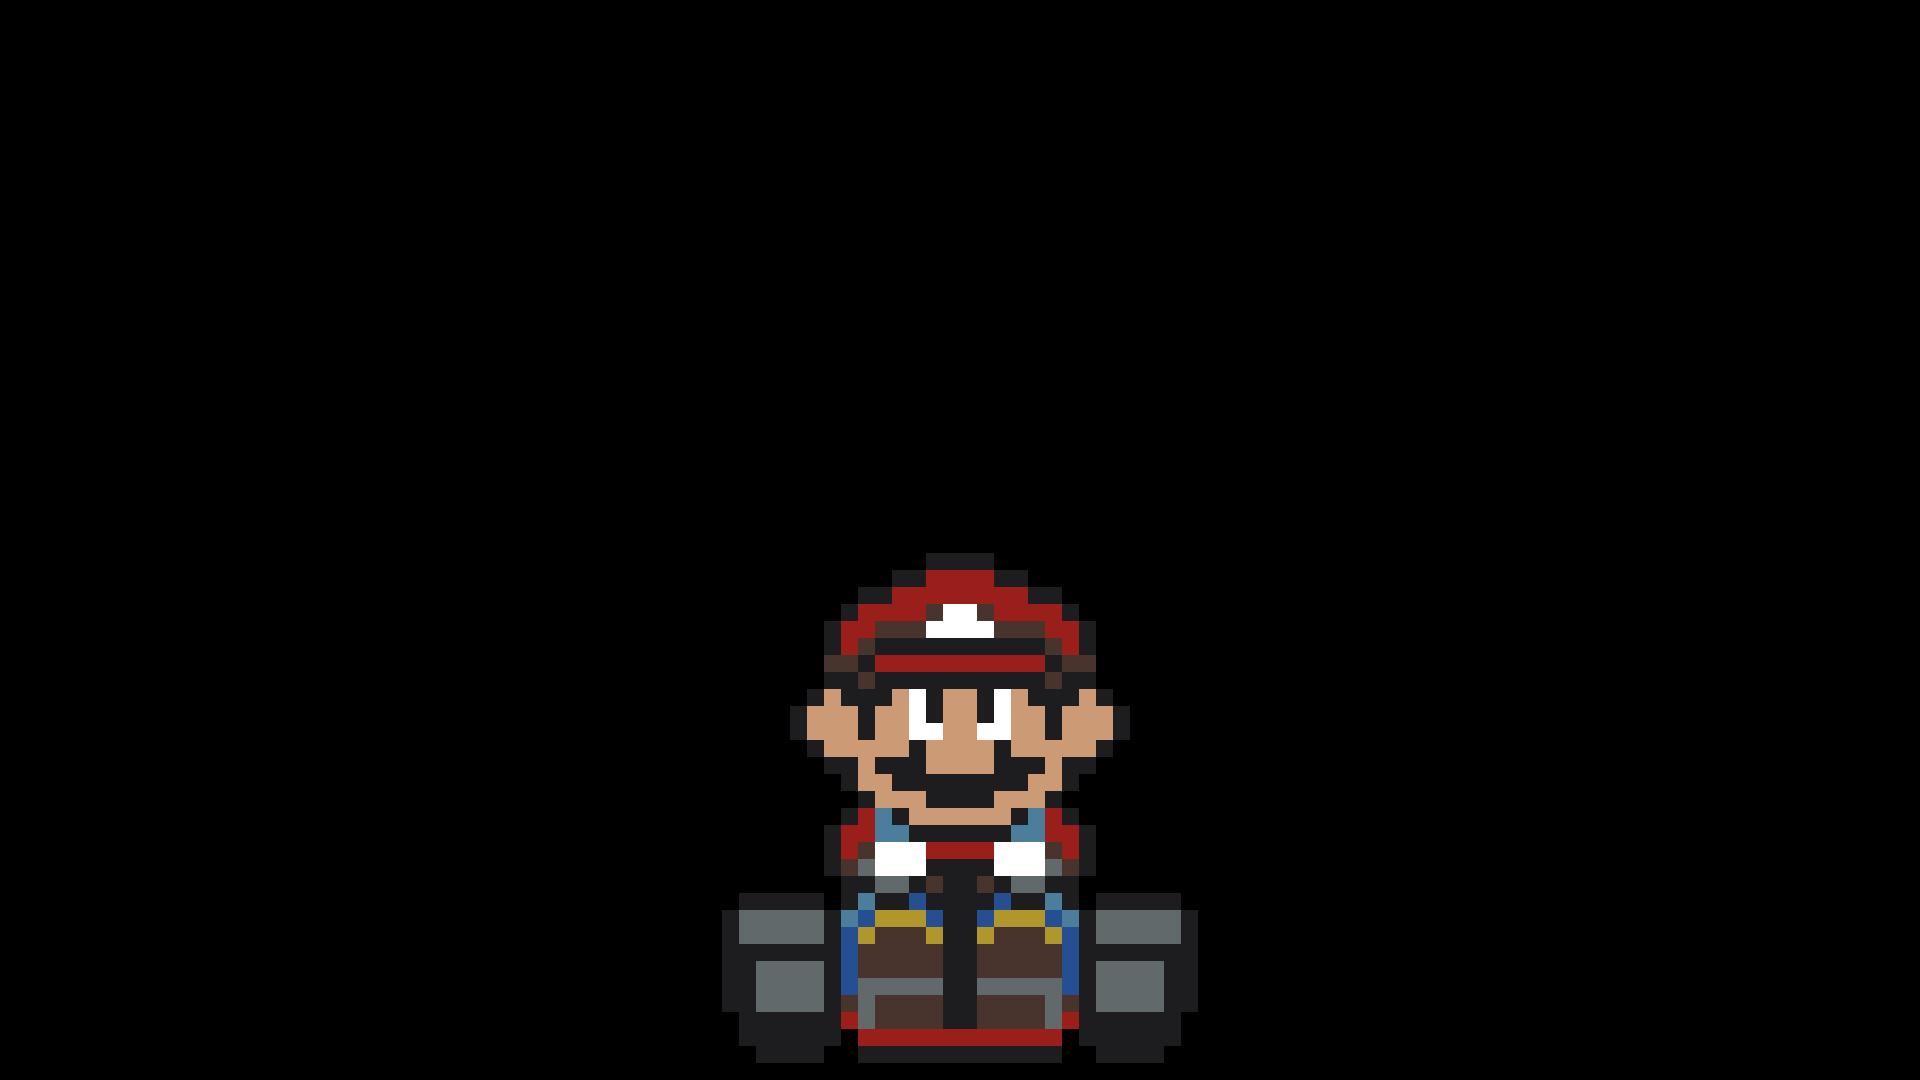 Wallpaper Pixel Art Pixels Super Mario Kart Screenshot